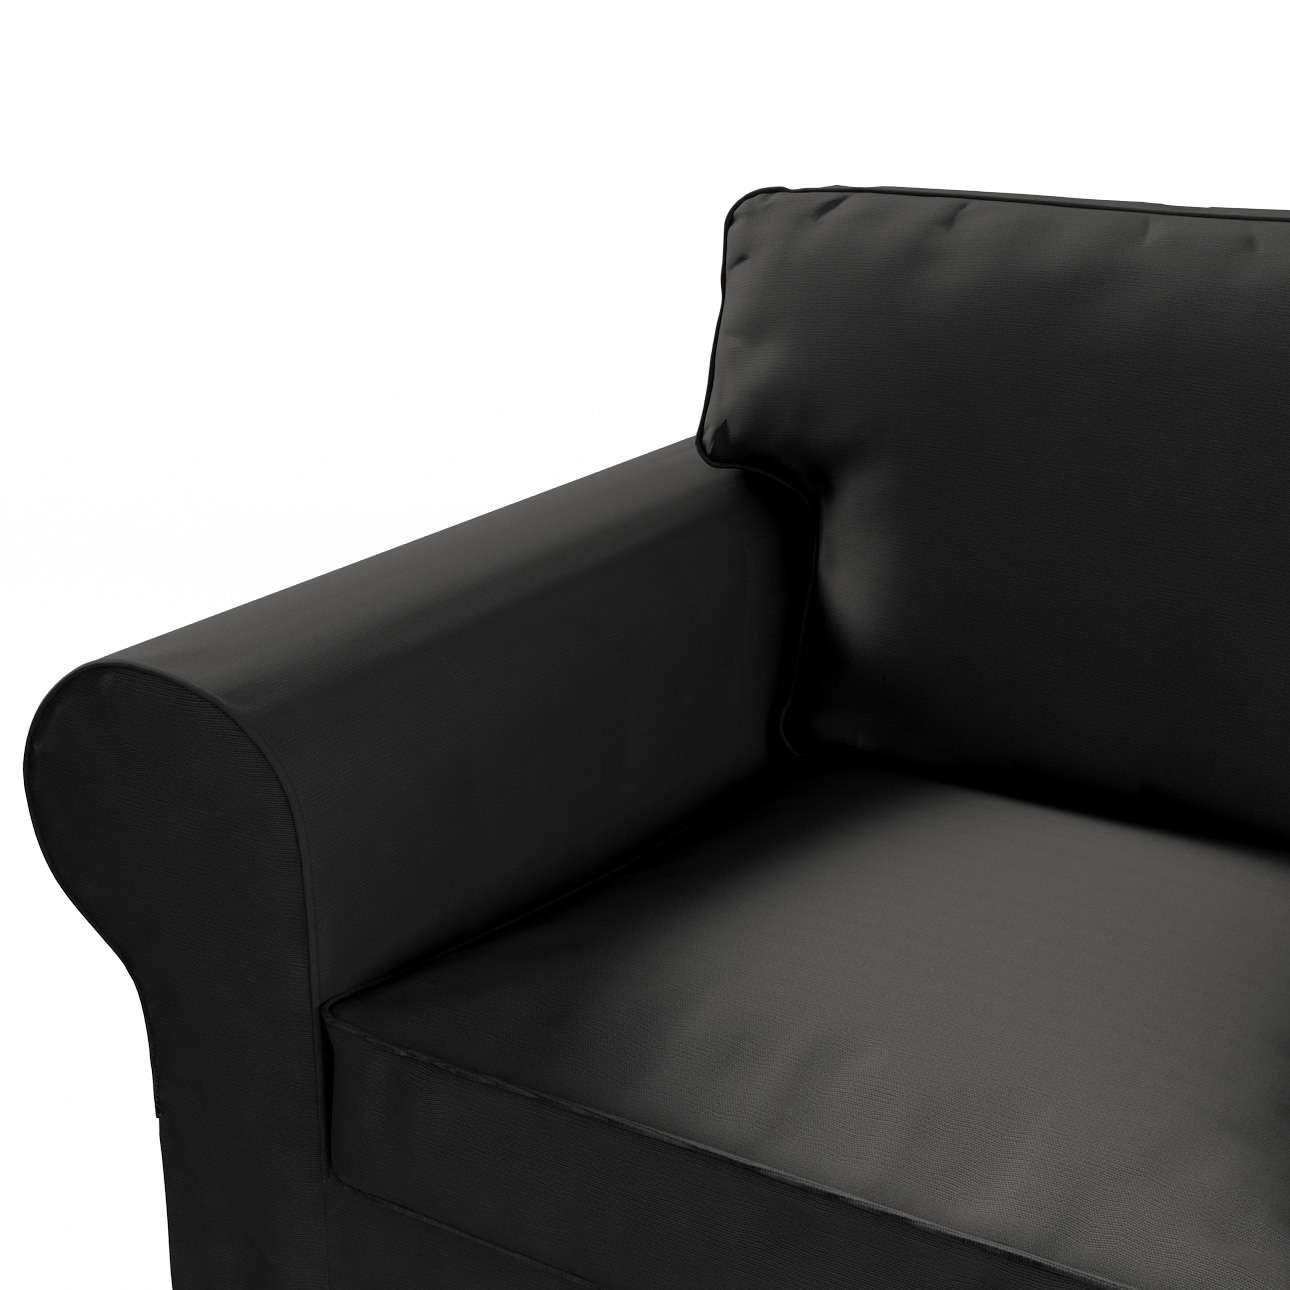 Pokrowiec na sofę Ektorp 3-osobową, rozkładaną STARY MODEL Sofa Ektorp 3-osobowa rozkładana w kolekcji Cotton Panama, tkanina: 702-08